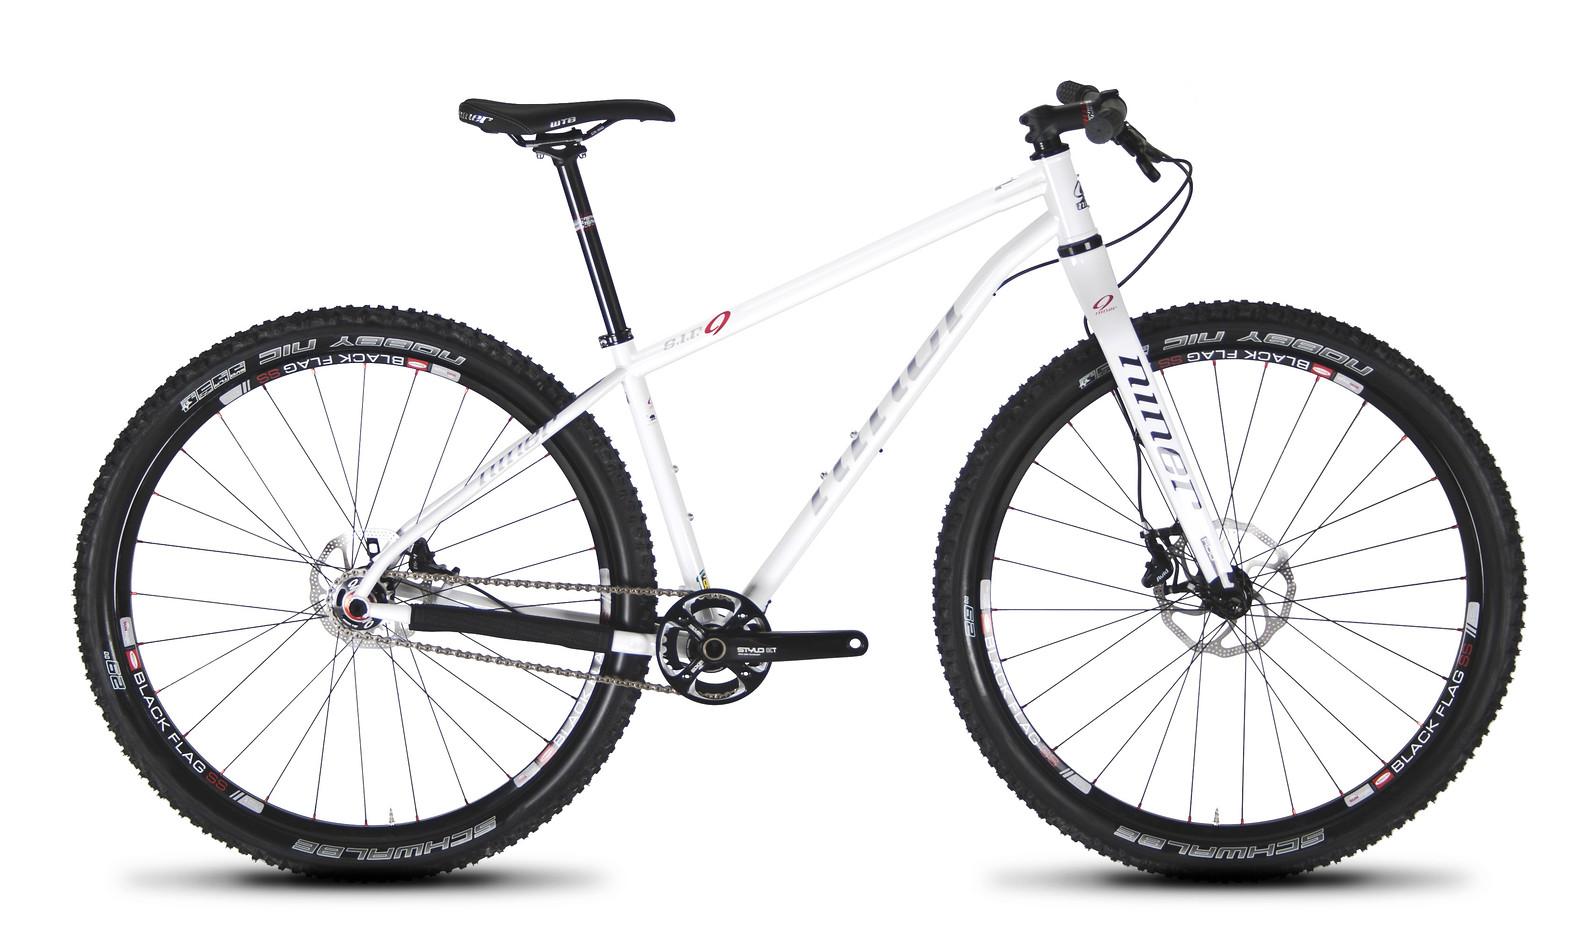 2013 Niner S.I.R. 9 Singlespeed Bike Bike - Niner S.I.R. 9 Singlespeed